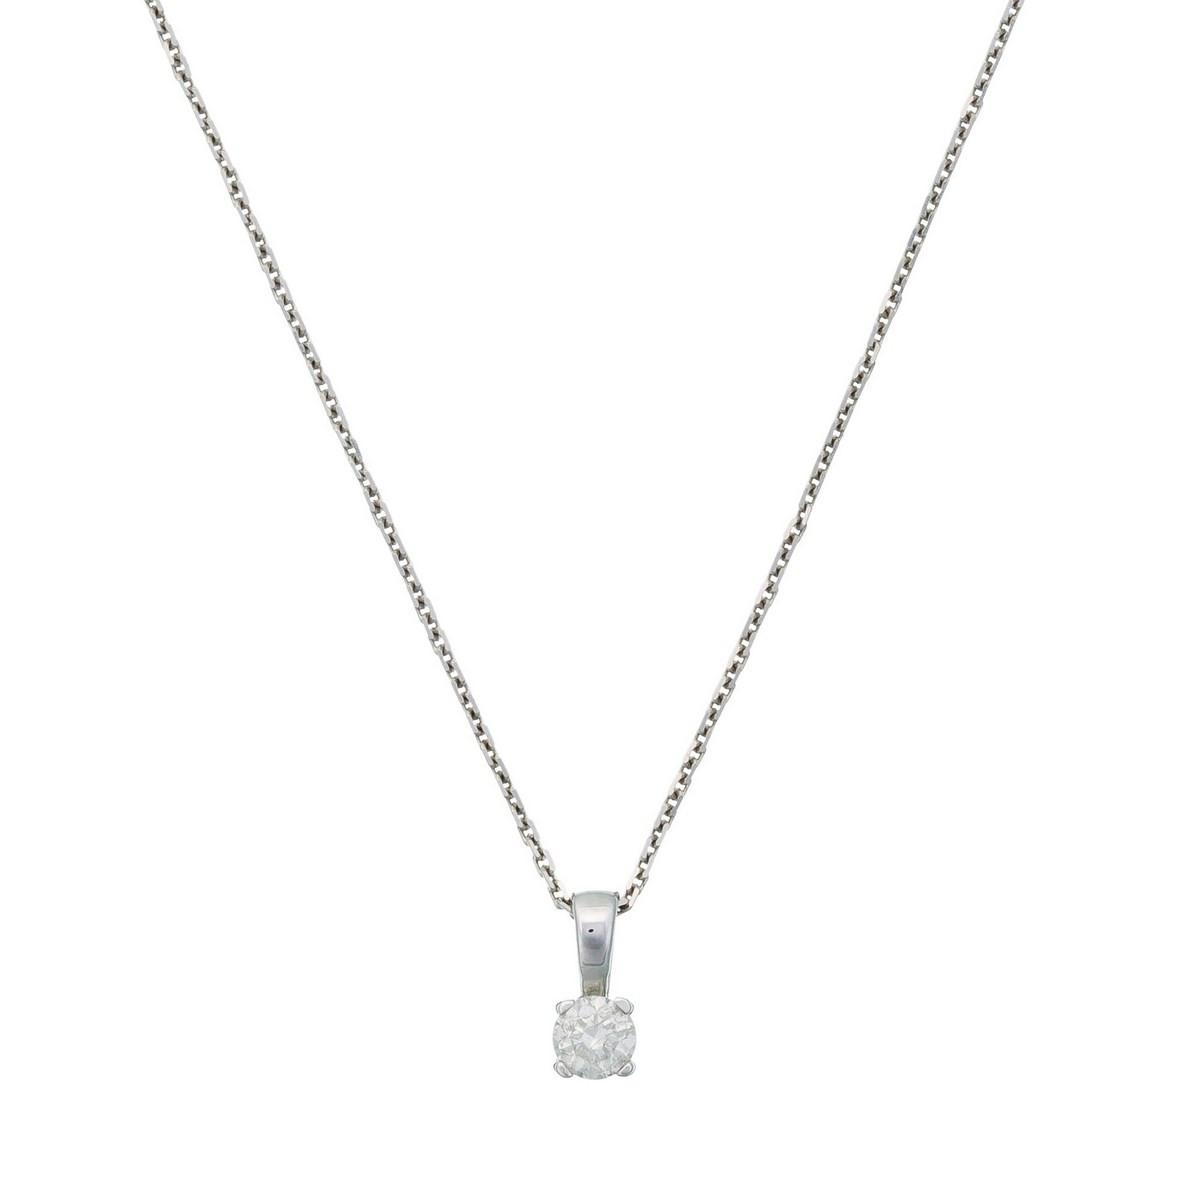 """Pendentif Or Blanc et Diamants 0,10 carat """"BRILLANT LUCIANA"""" et chaîne argent offerte"""